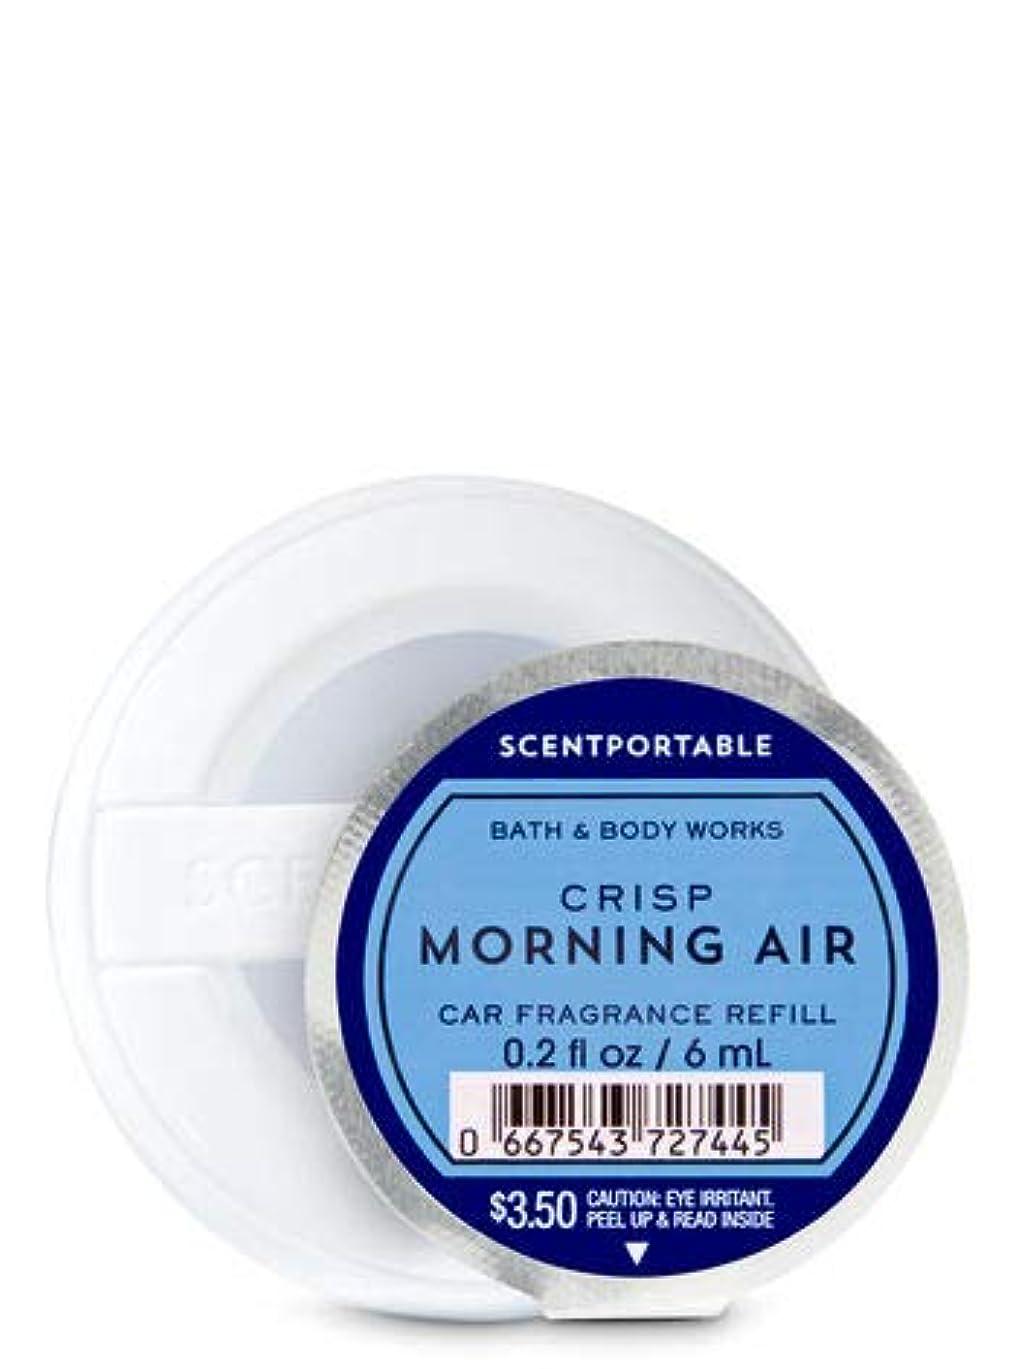 蜂パトロン寄生虫【Bath&Body Works/バス&ボディワークス】 クリップ式芳香剤 セントポータブル詰替えリフィル クリスプモーニングエアー Scentportable Fragrance Refill Crisp Morning Air [並行輸入品]